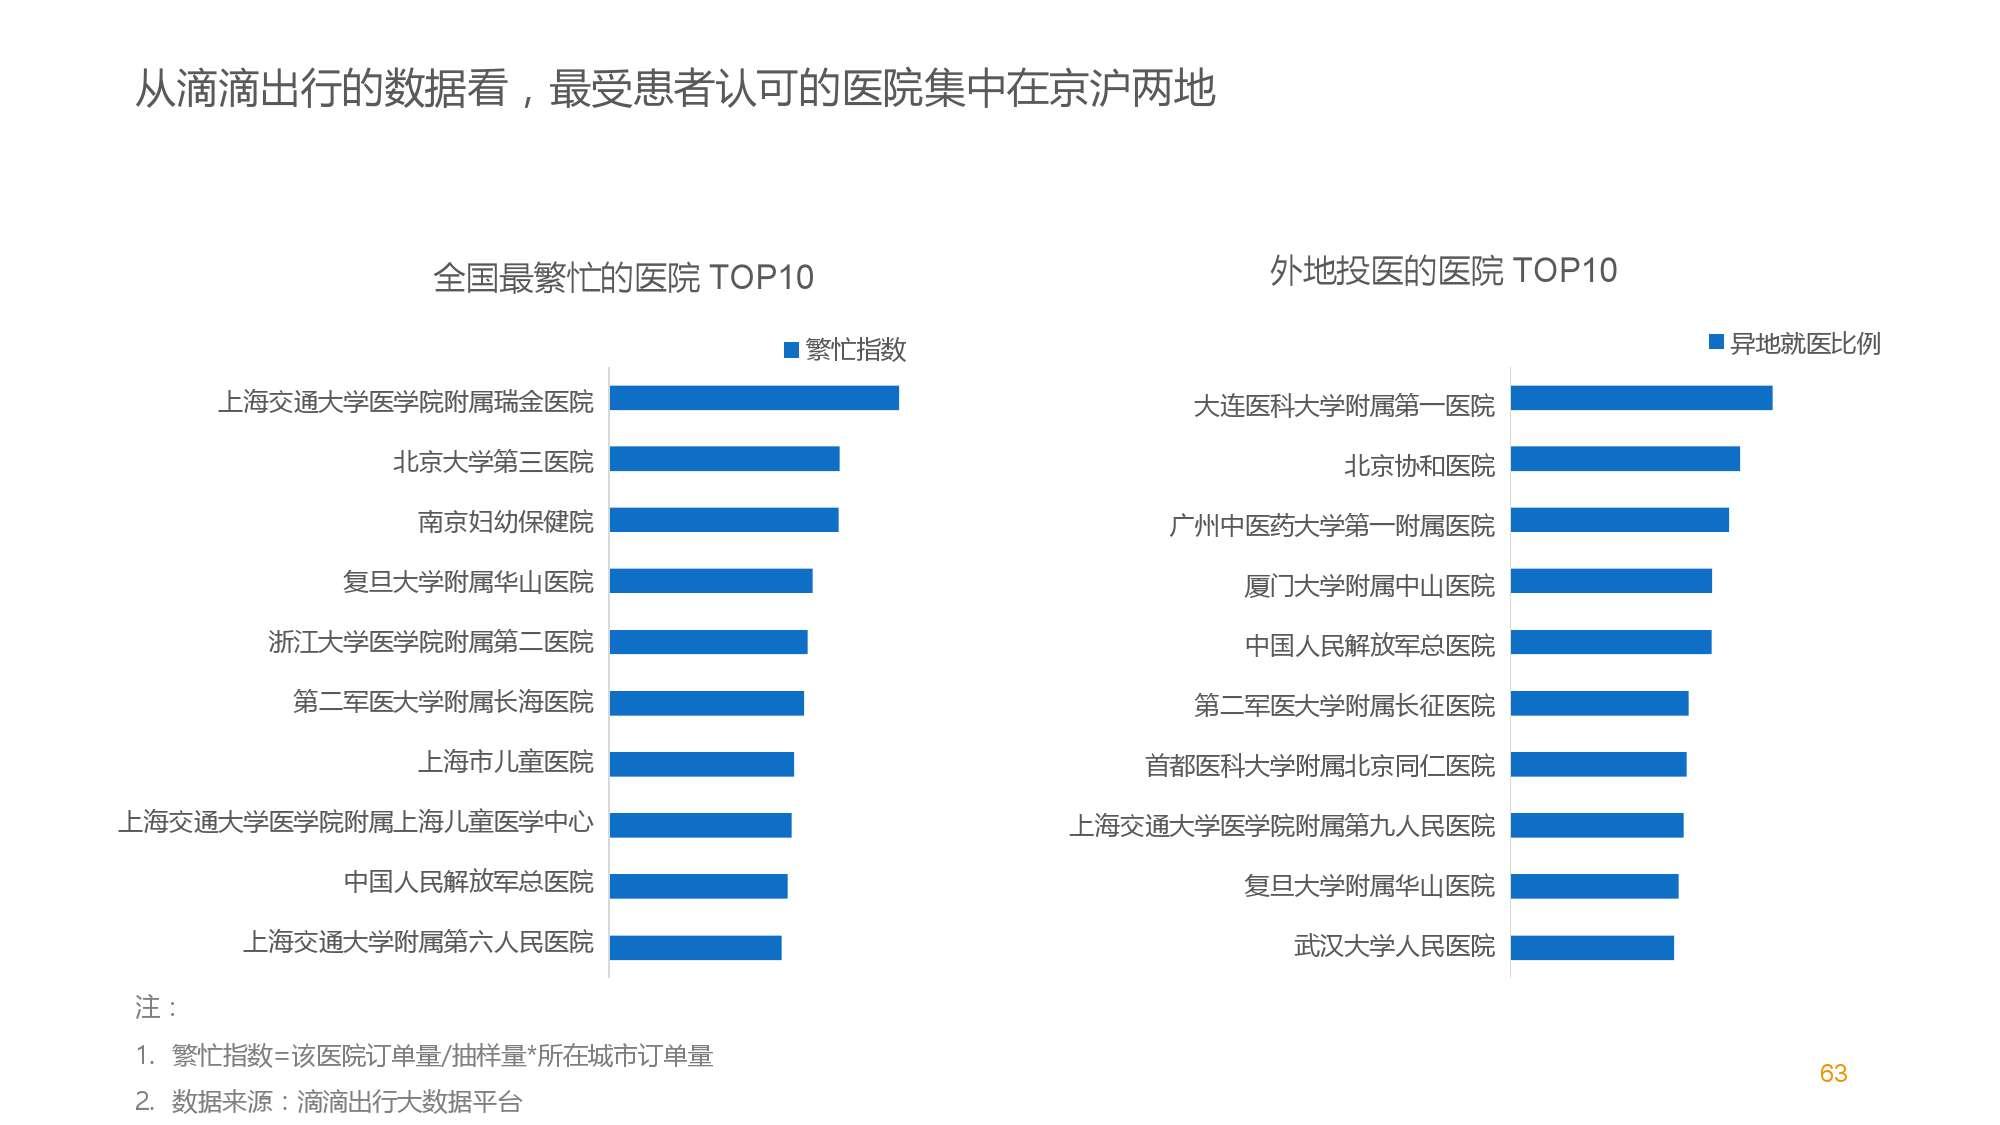 中国智能出行2015大数据报告_000063